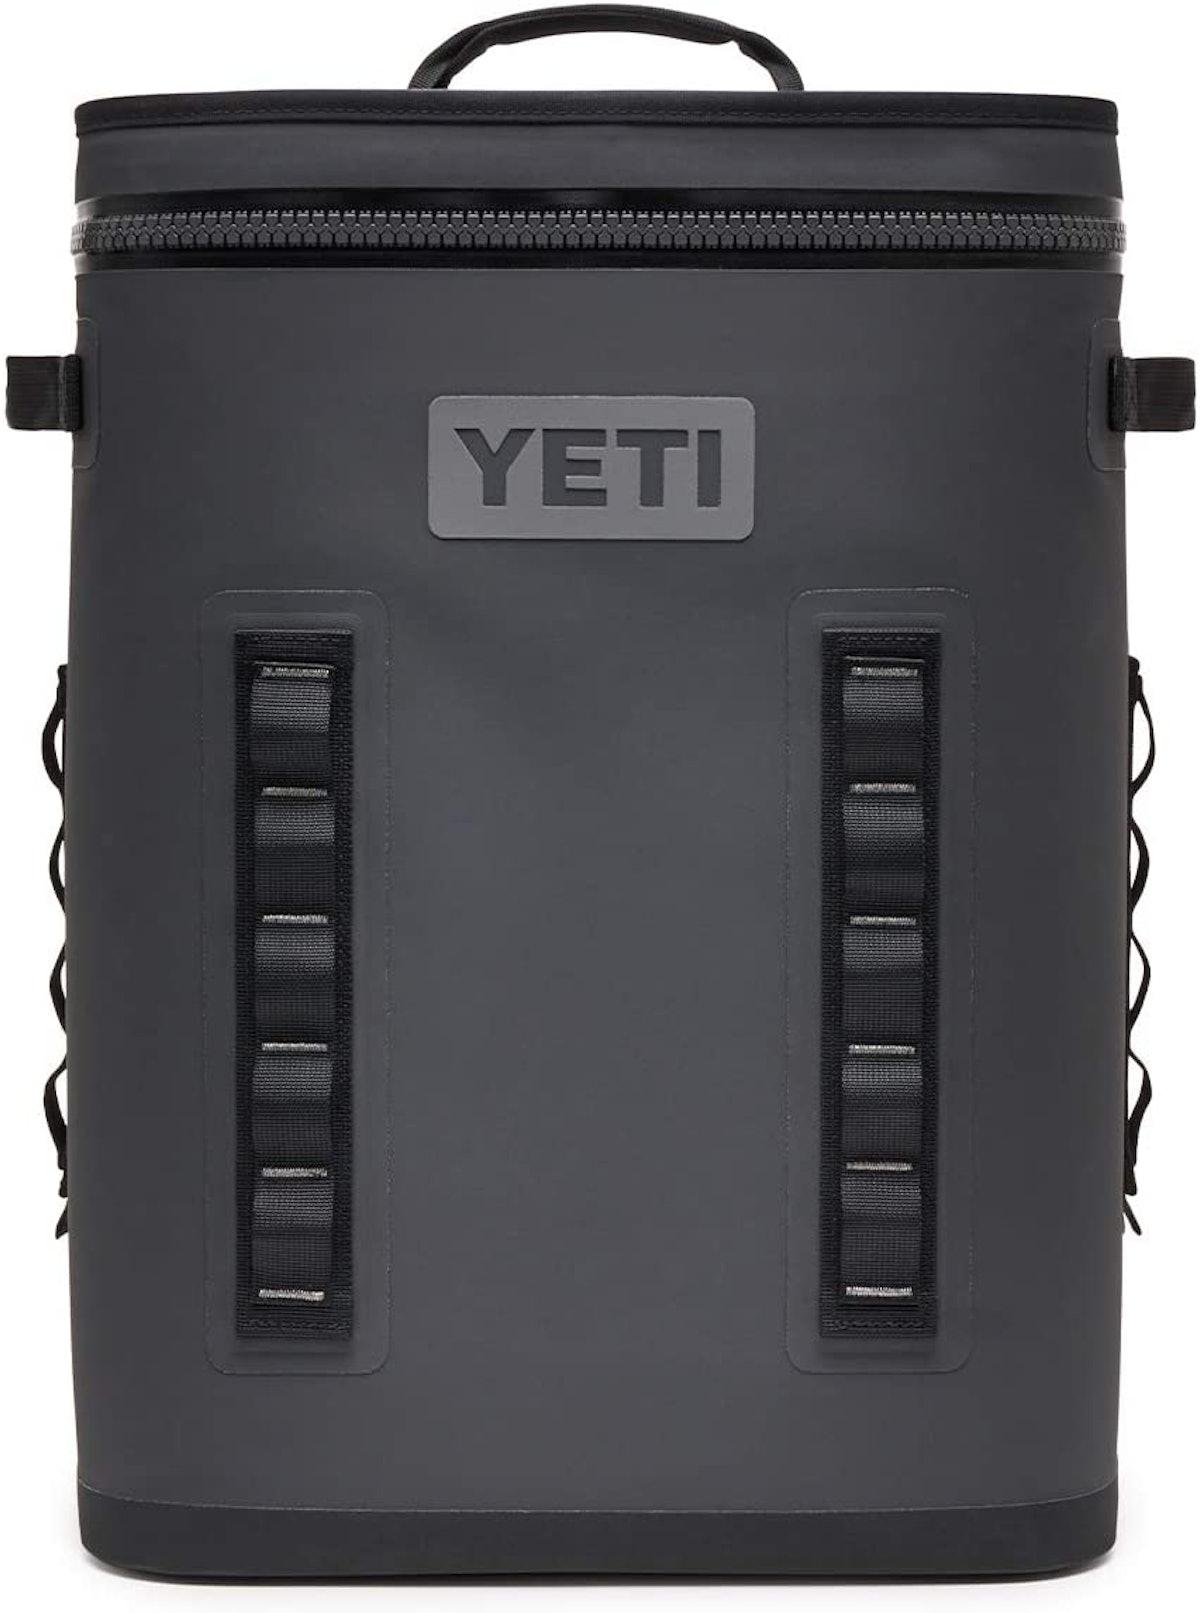 YETI Hopper Backflip 24 Soft-Sided Cooler Backpack